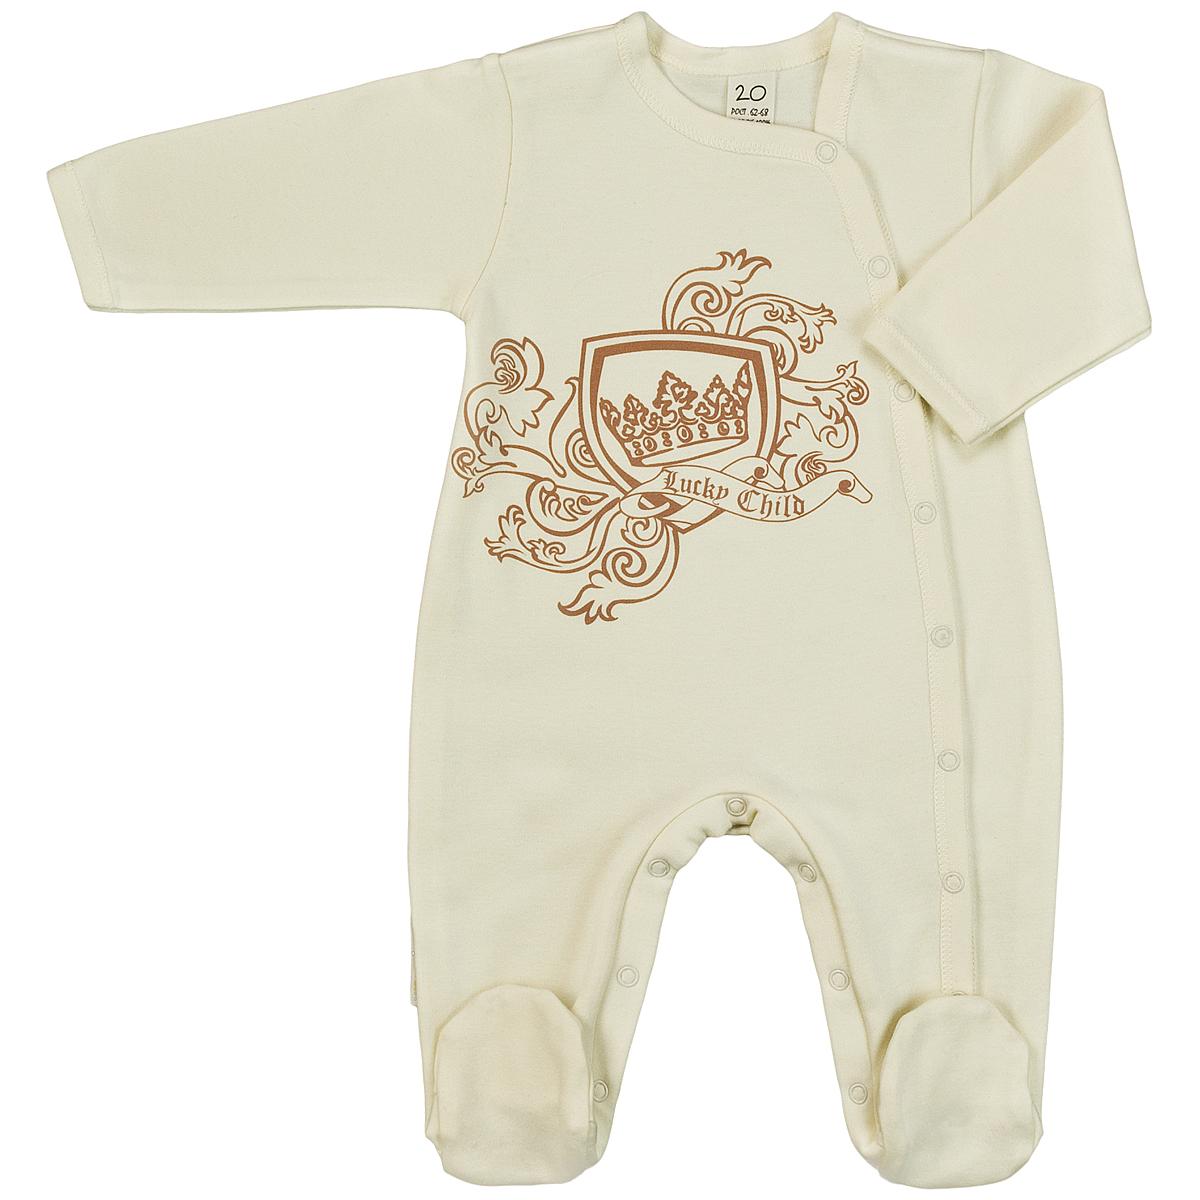 6-16Детский комбинезон Lucky Child - очень удобный и практичный вид одежды для малышей. Комбинезон выполнен из интерлока - натурального хлопка, благодаря чему он необычайно мягкий и приятный на ощупь, не раздражают нежную кожу ребенка и хорошо вентилируются, а эластичные швы приятны телу малыша и не препятствуют его движениям. Комбинезон с длинными рукавами и закрытыми ножками имеет асимметричные застежки-кнопки от горловины до щиколотки, которые помогают легко переодеть младенца или сменить подгузник. На груди он оформлен оригинальным принтом в виде логотипа бренда. С детским комбинезоном Lucky Child спинка и ножки вашего малыша всегда будут в тепле, он идеален для использования днем и незаменим ночью. Комбинезон полностью соответствует особенностям жизни младенца в ранний период, не стесняя и не ограничивая его в движениях!